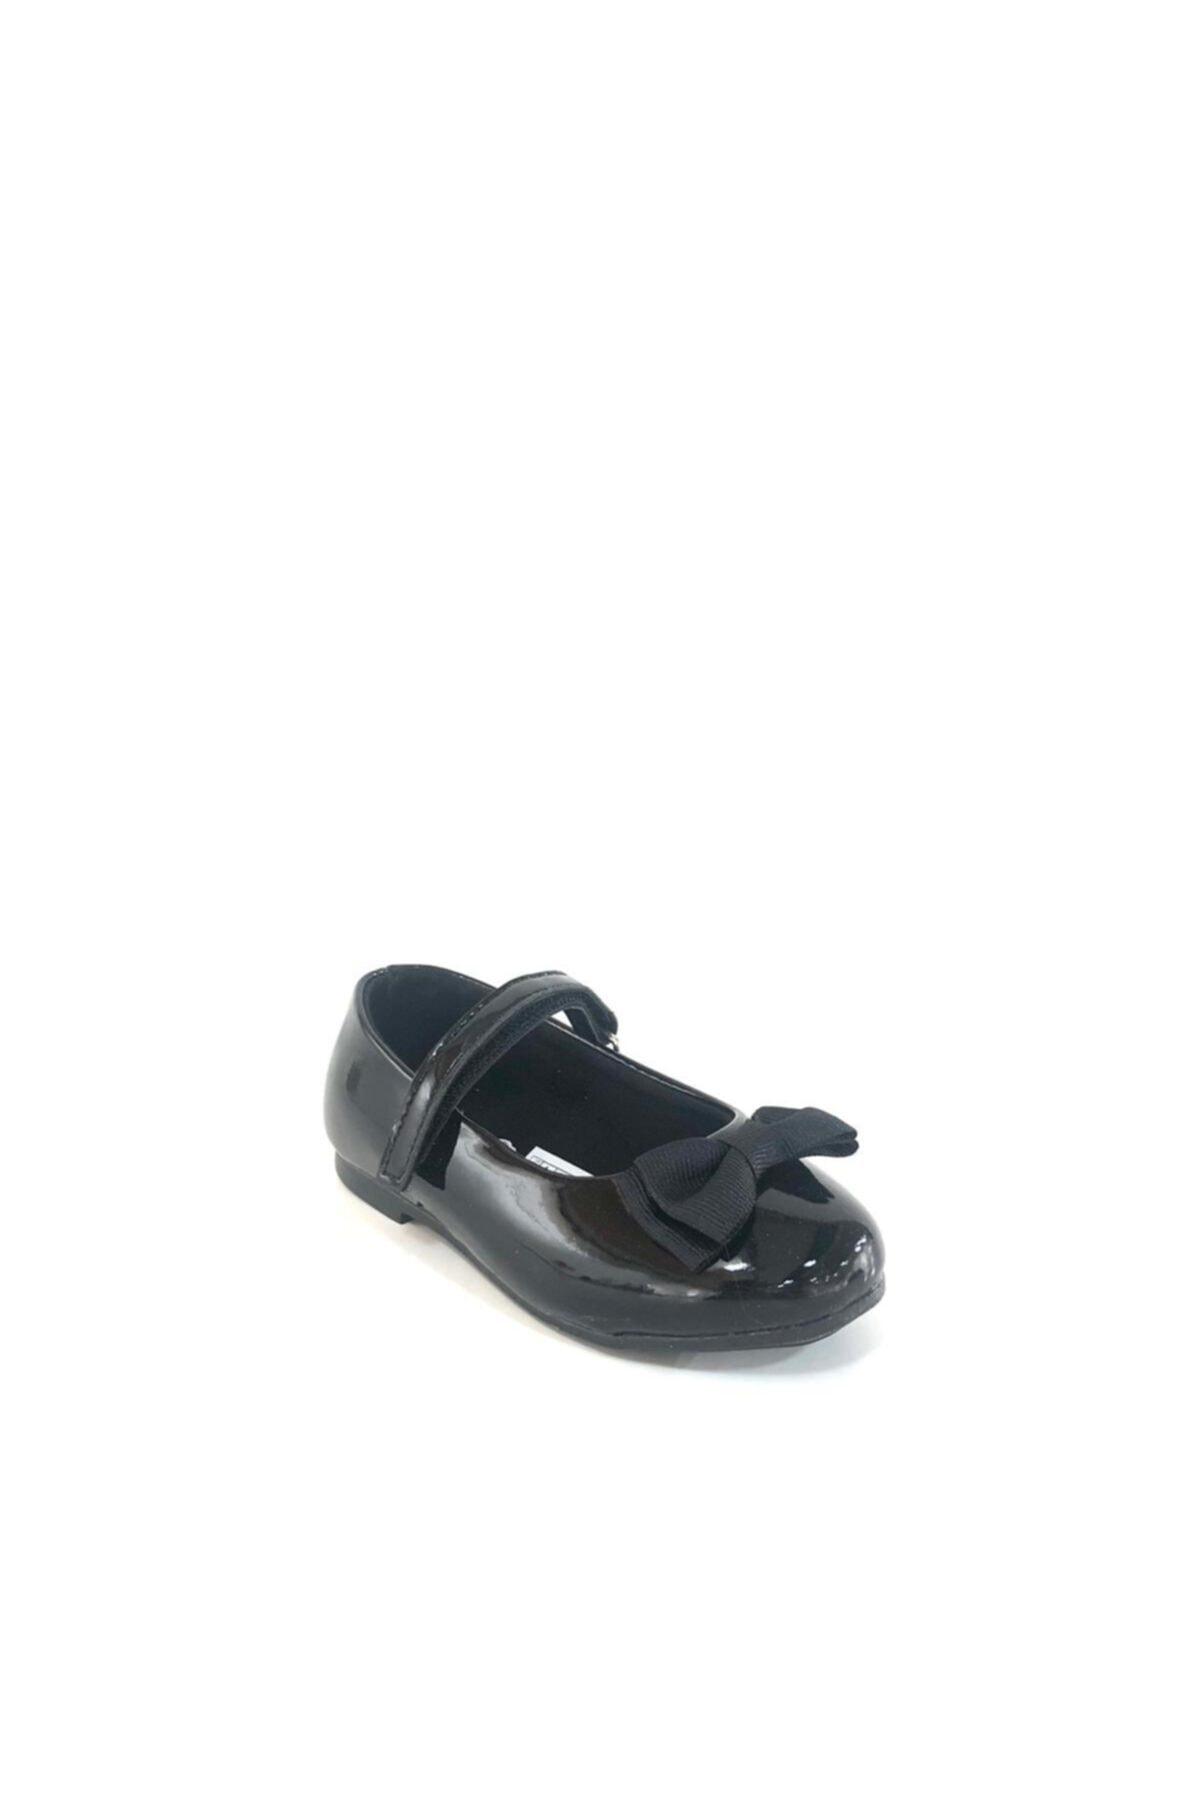 سفارش نقدی کفش تخت نوزاد دخترانه برند Flubber رنگ مشکی کد ty71948492